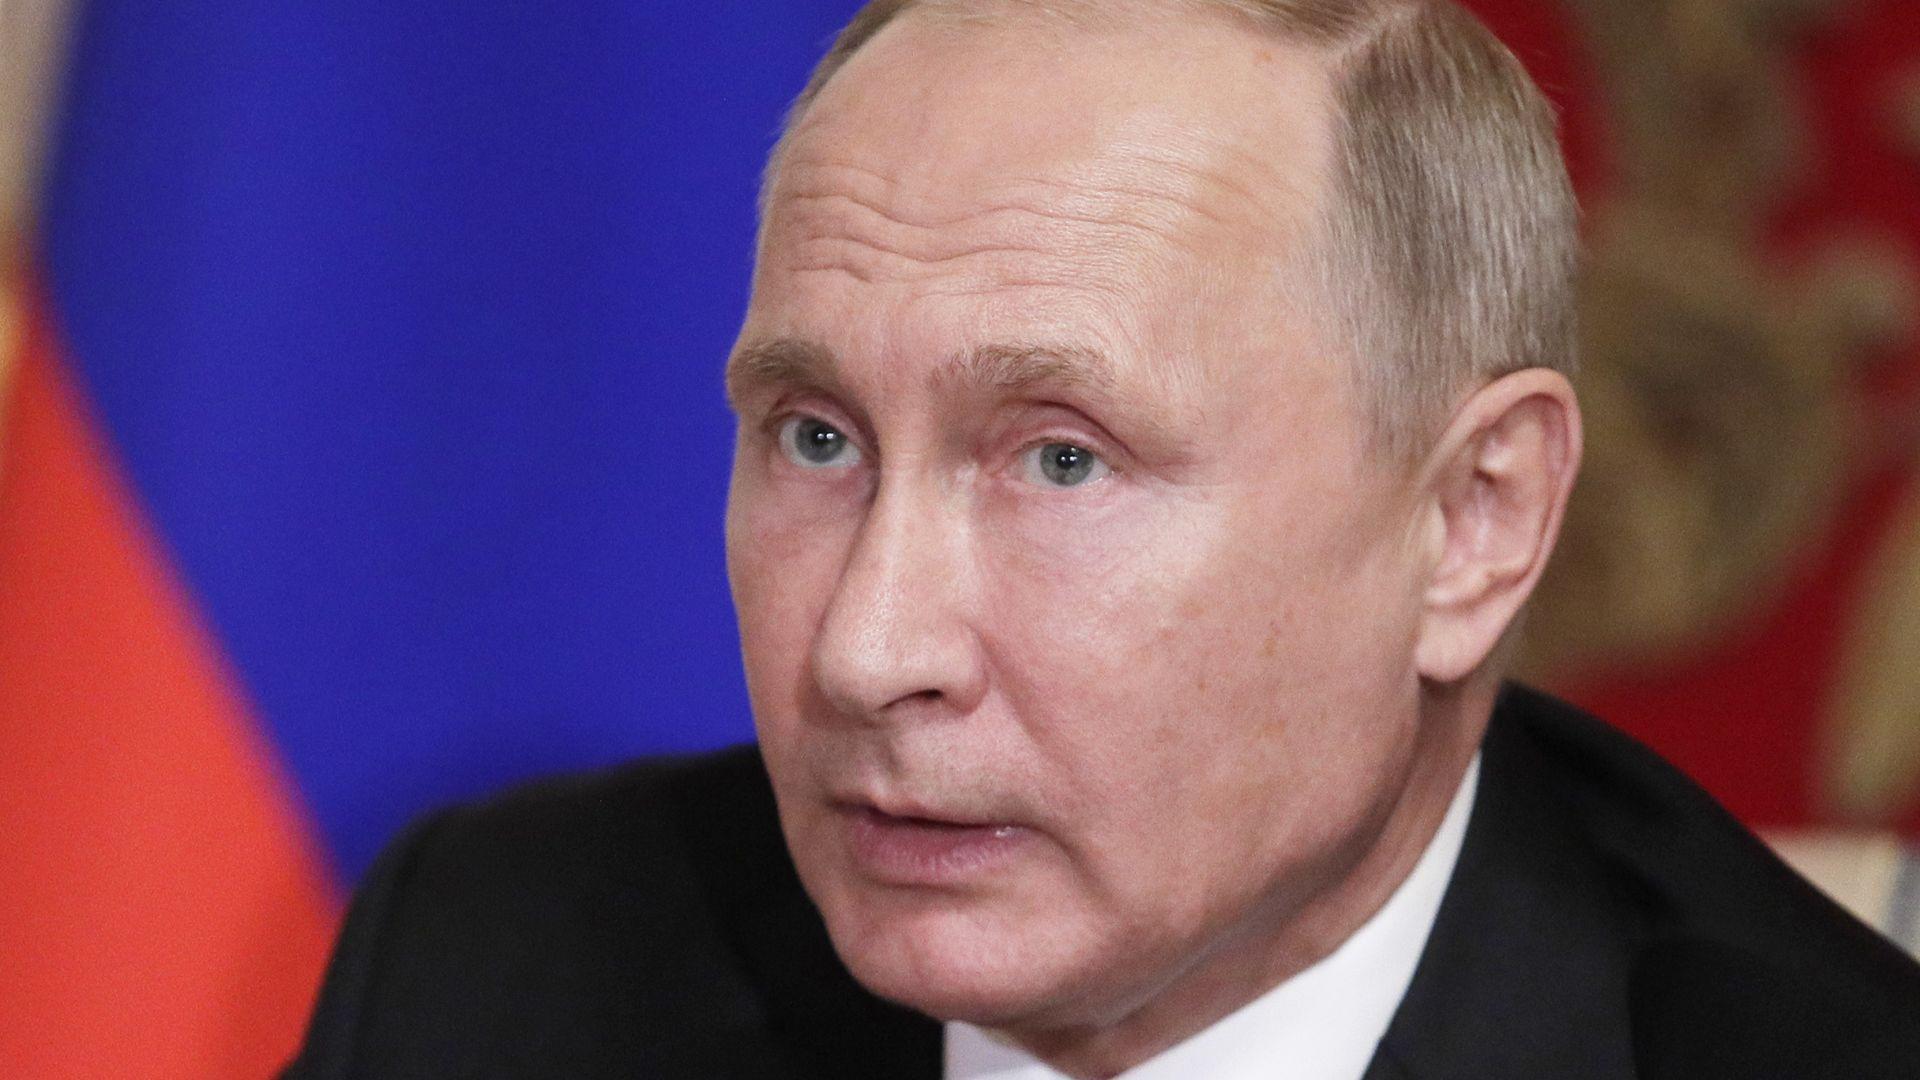 Владимир Путин: Трагедията в Керч е резултат от глобализацията